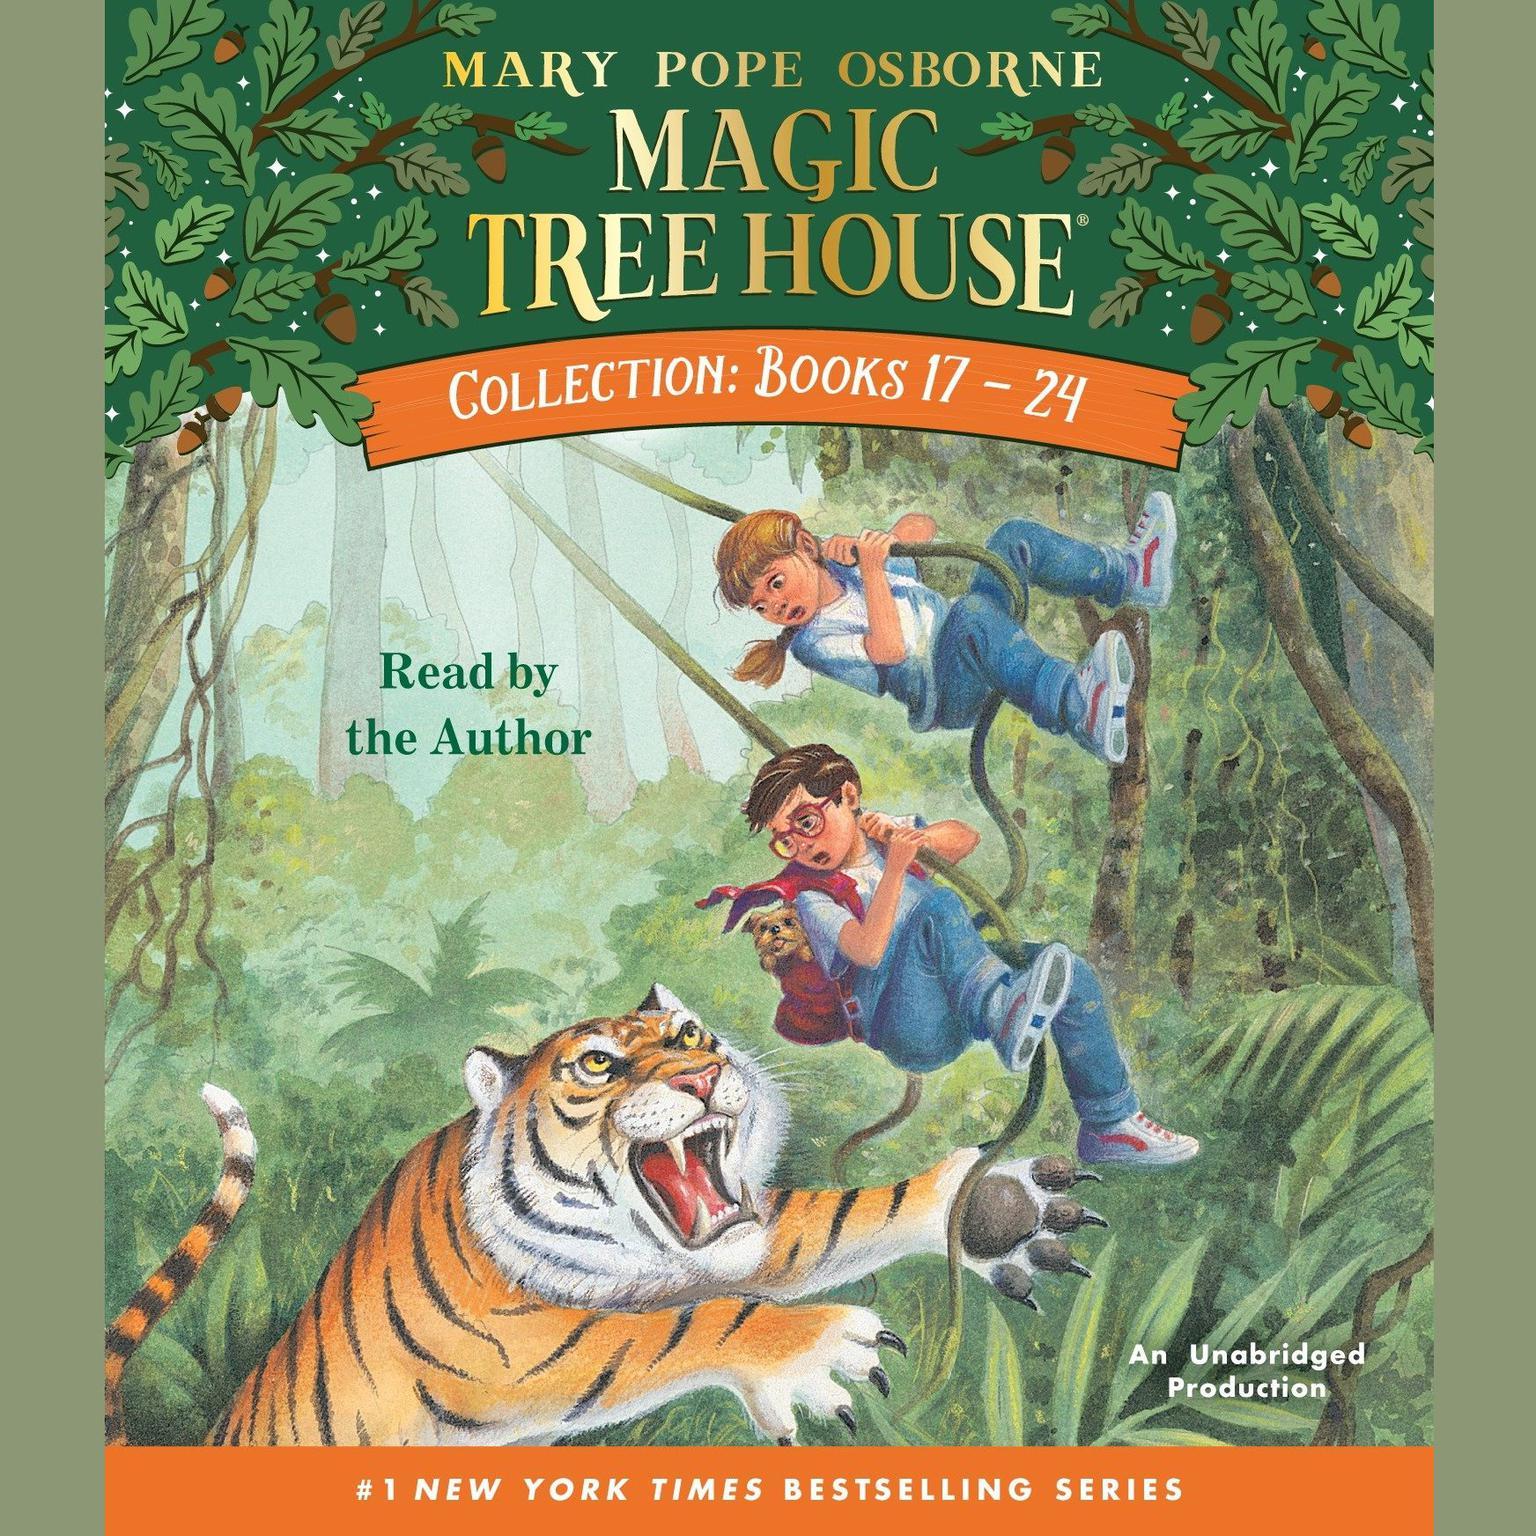 Magic Tree House Books 17 24